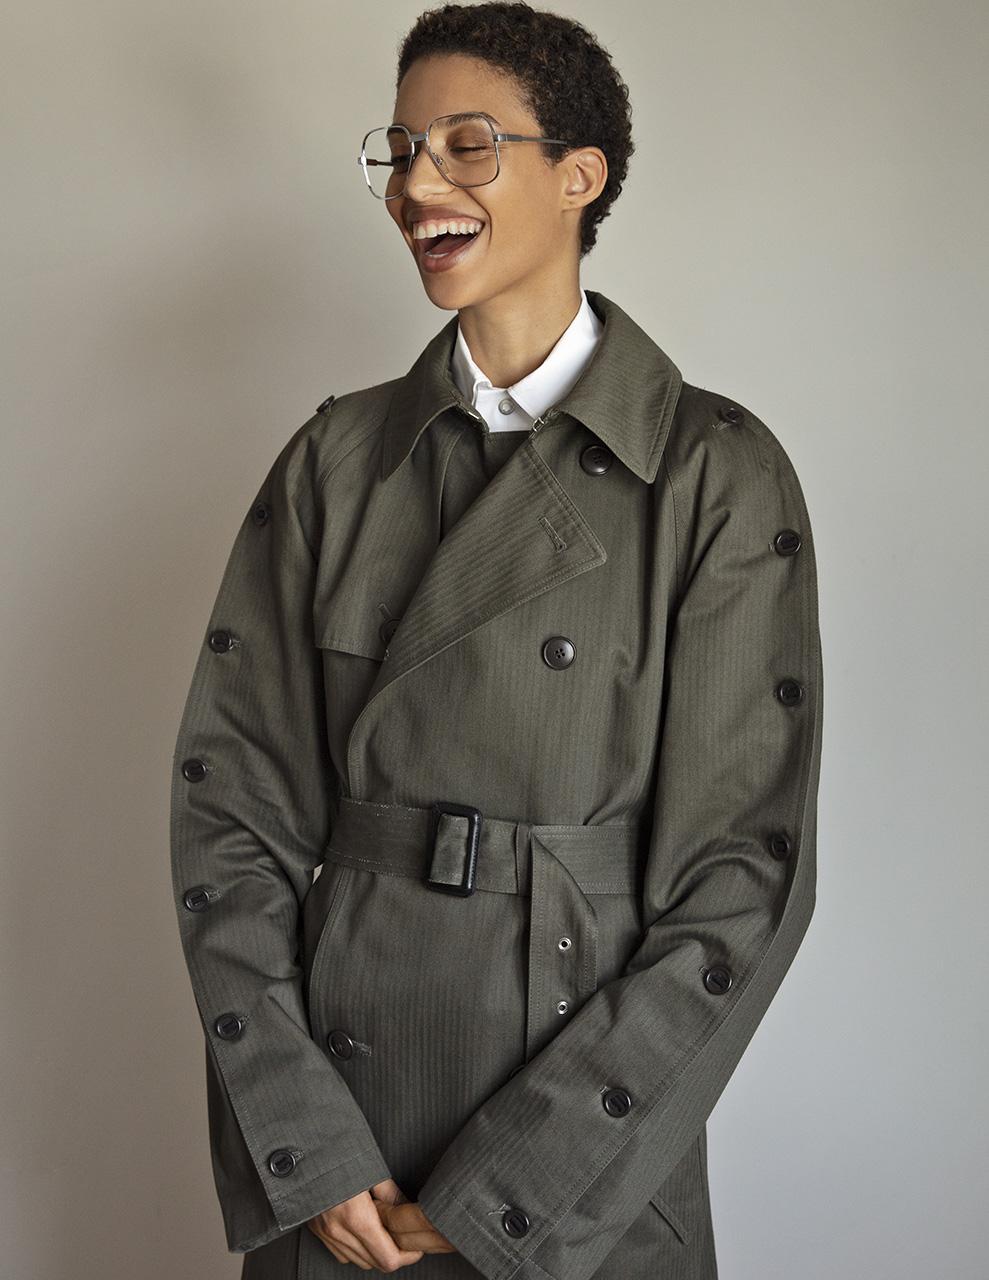 Jourdana Models1 Menswear 1829aL.jpg